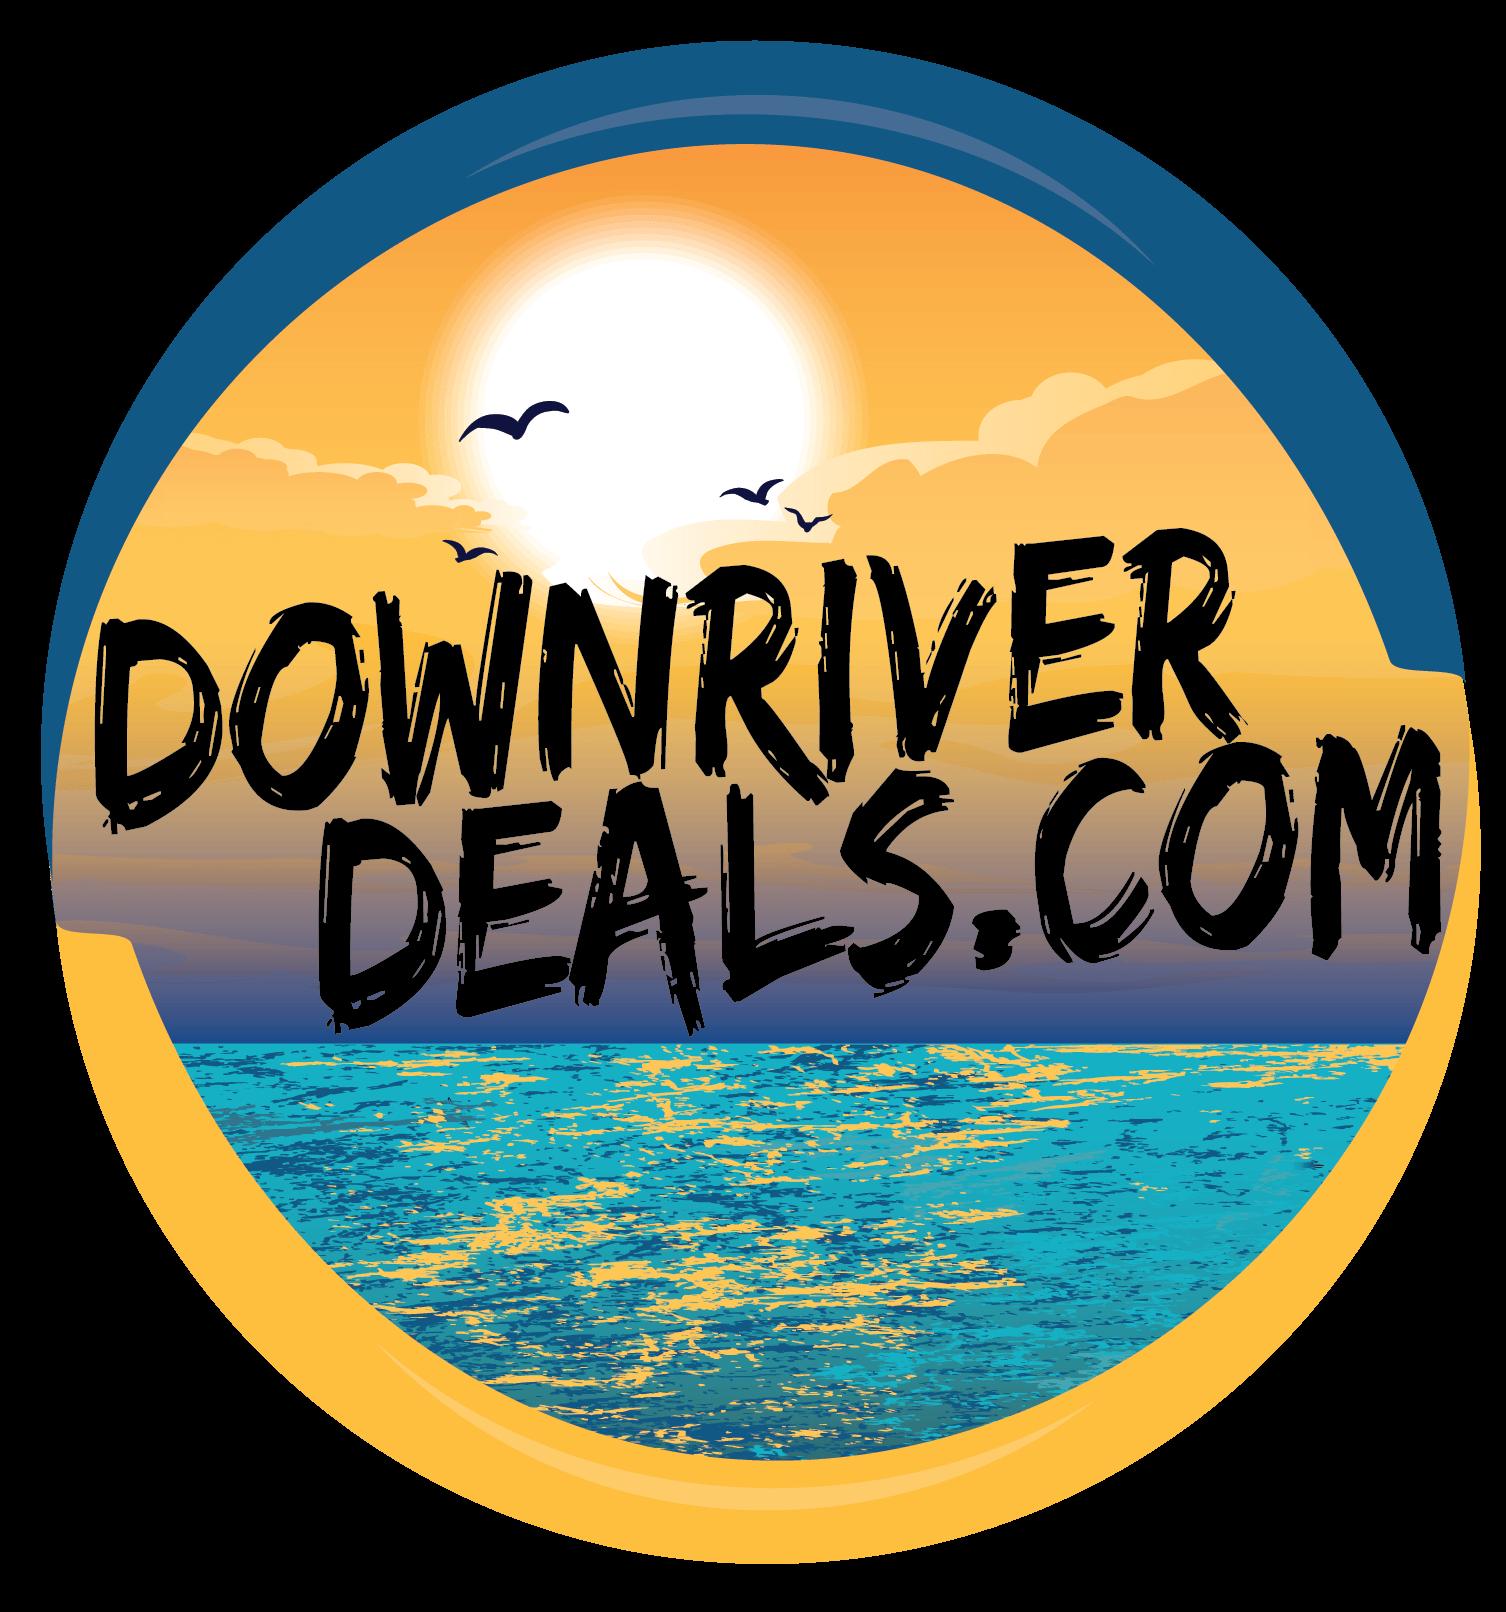 DownriverDeals.com